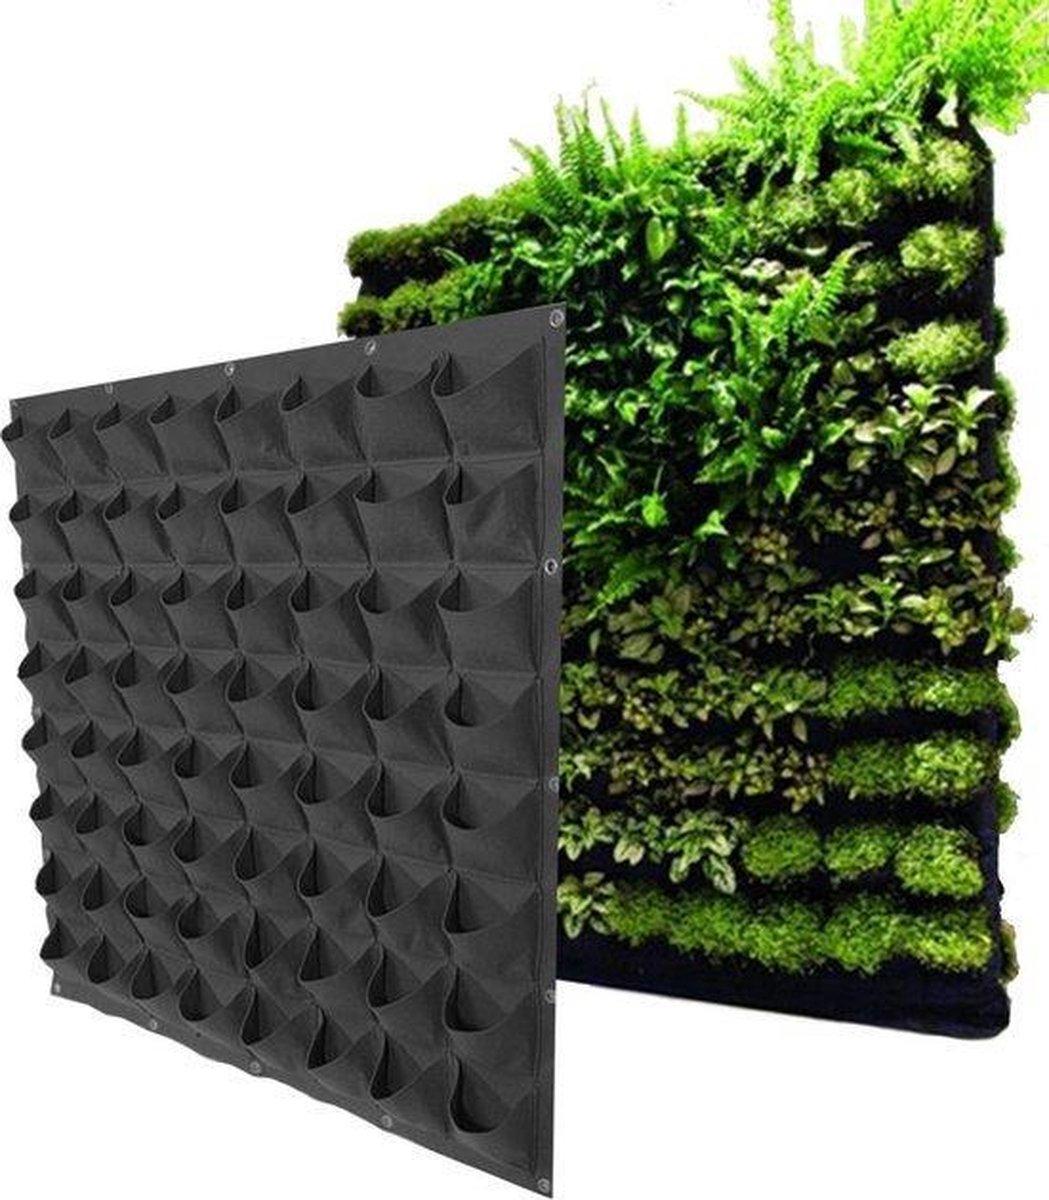 Hangende verticale tuin - plantenzakken voor 49 planten   100 cm x 100 cm - 1 vak is 13x13 cm